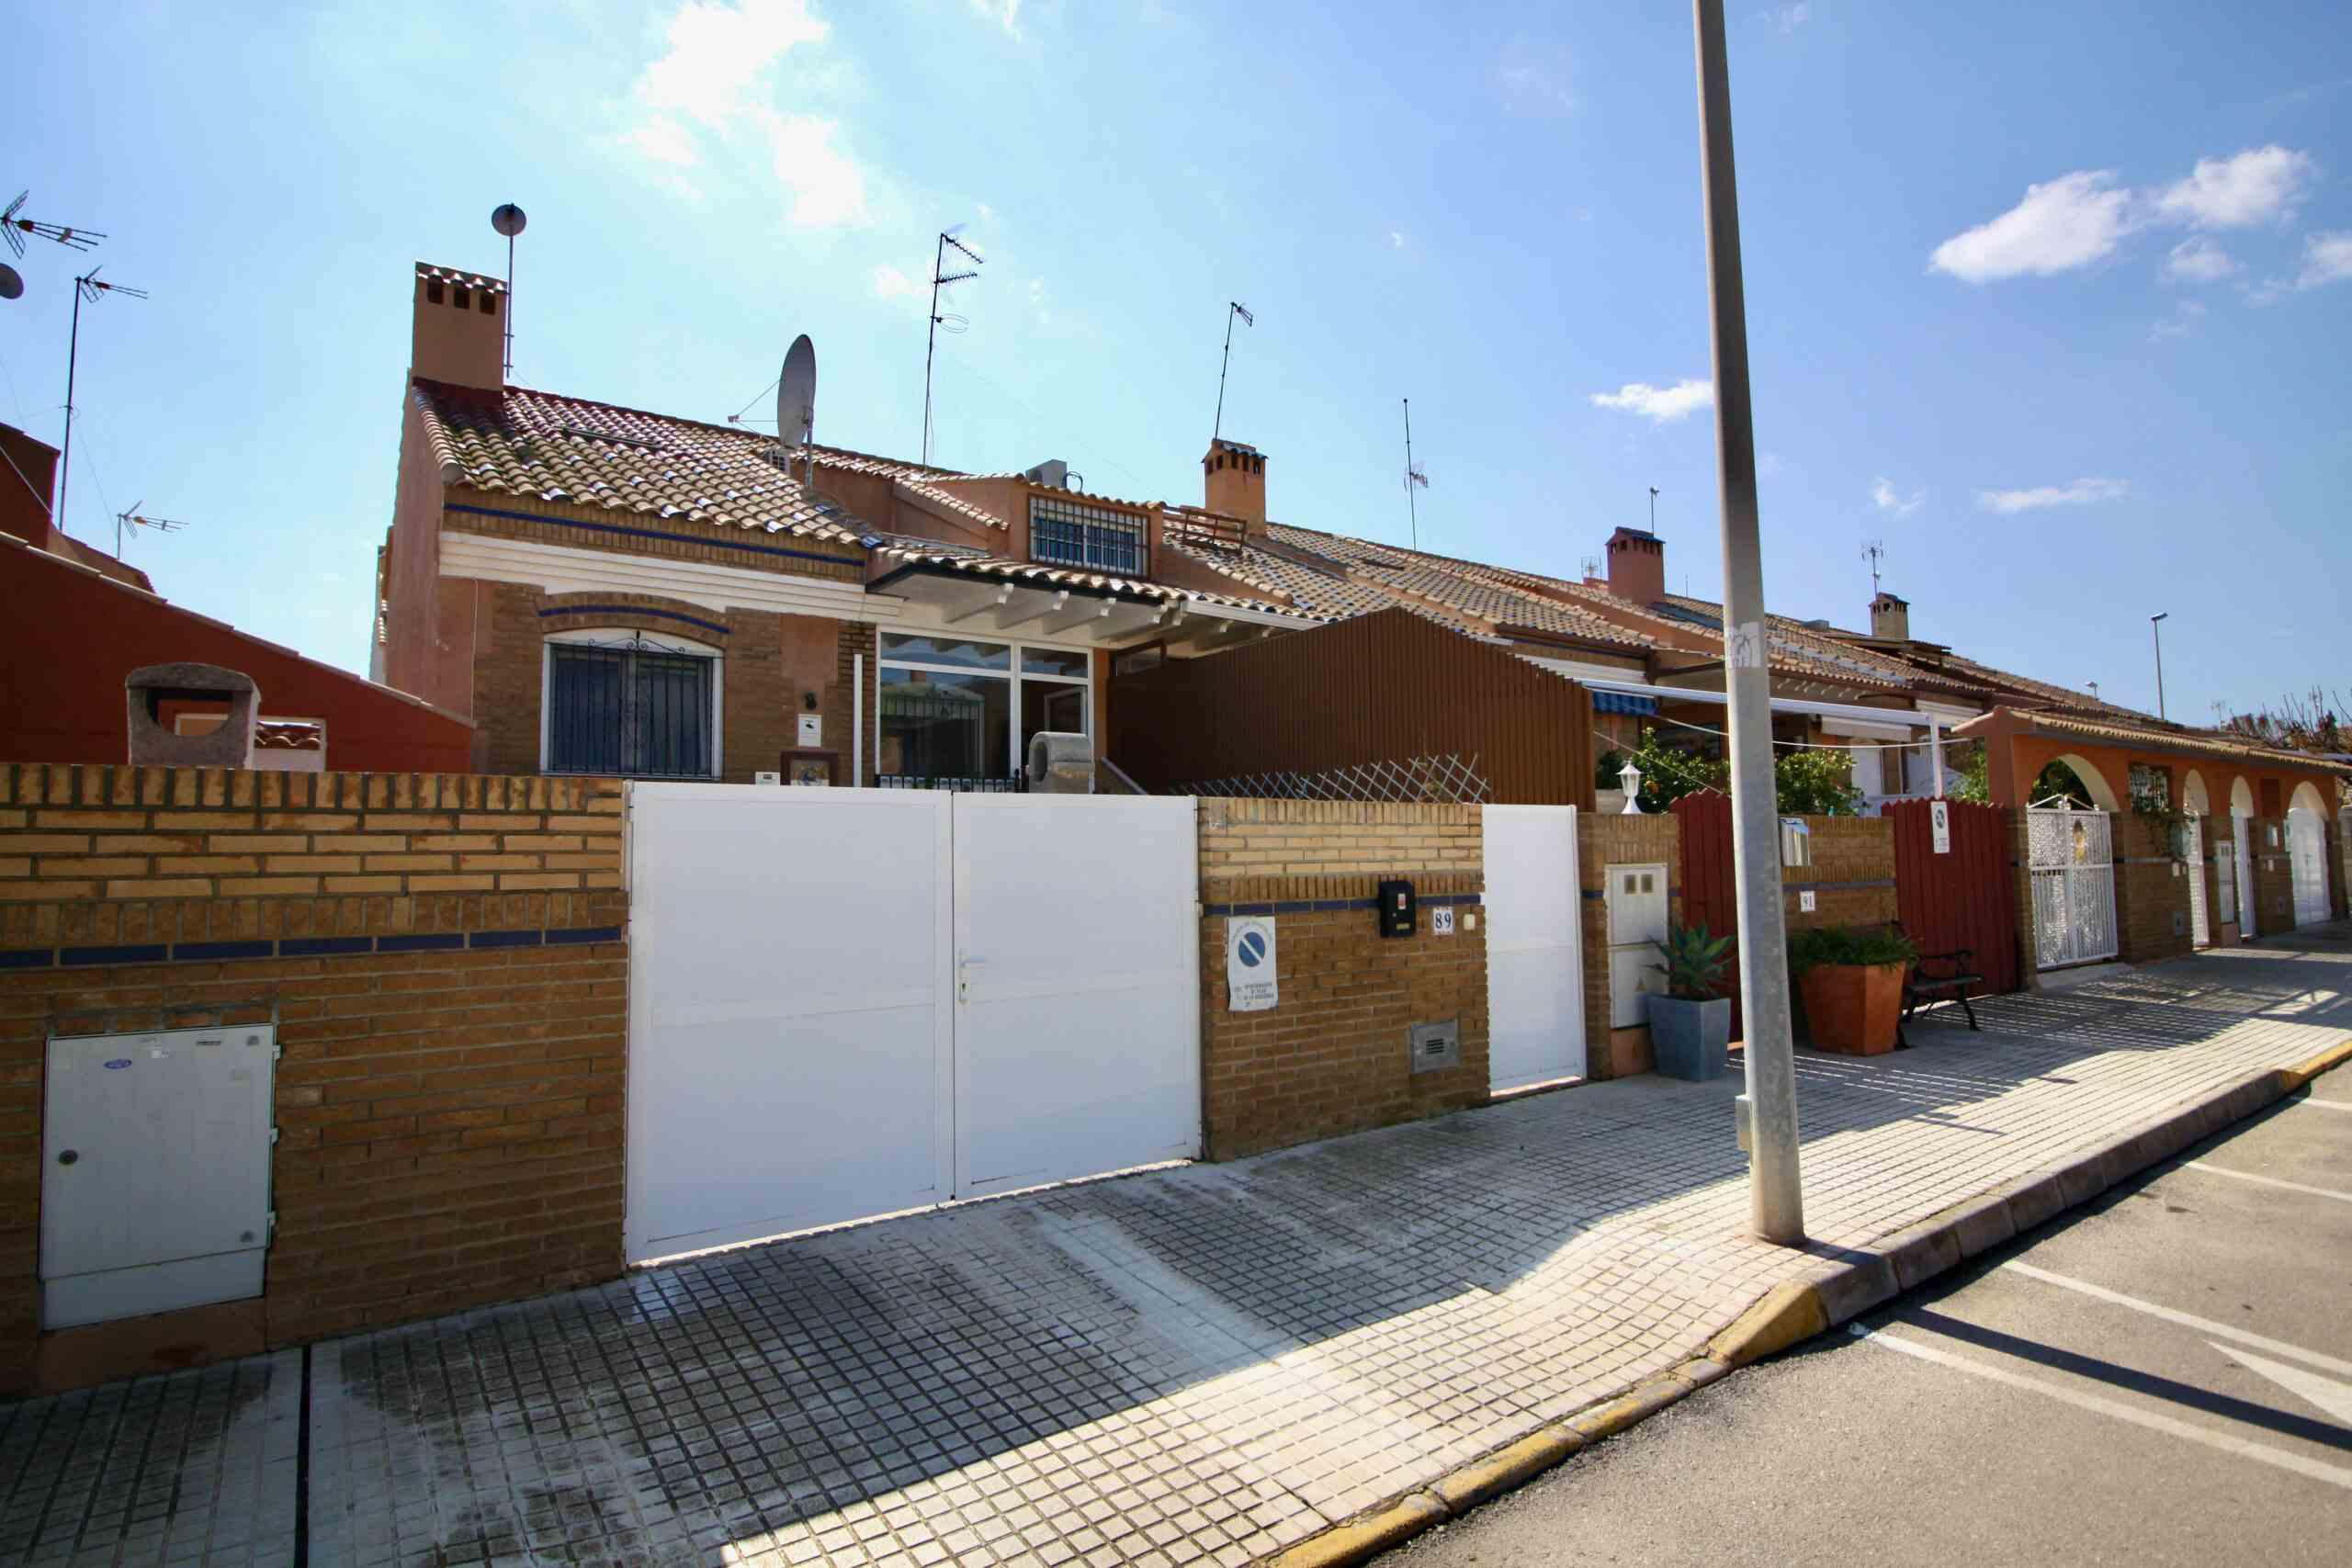 4 bedroom house / villa for sale in Torre de la Horadada, Costa Blanca